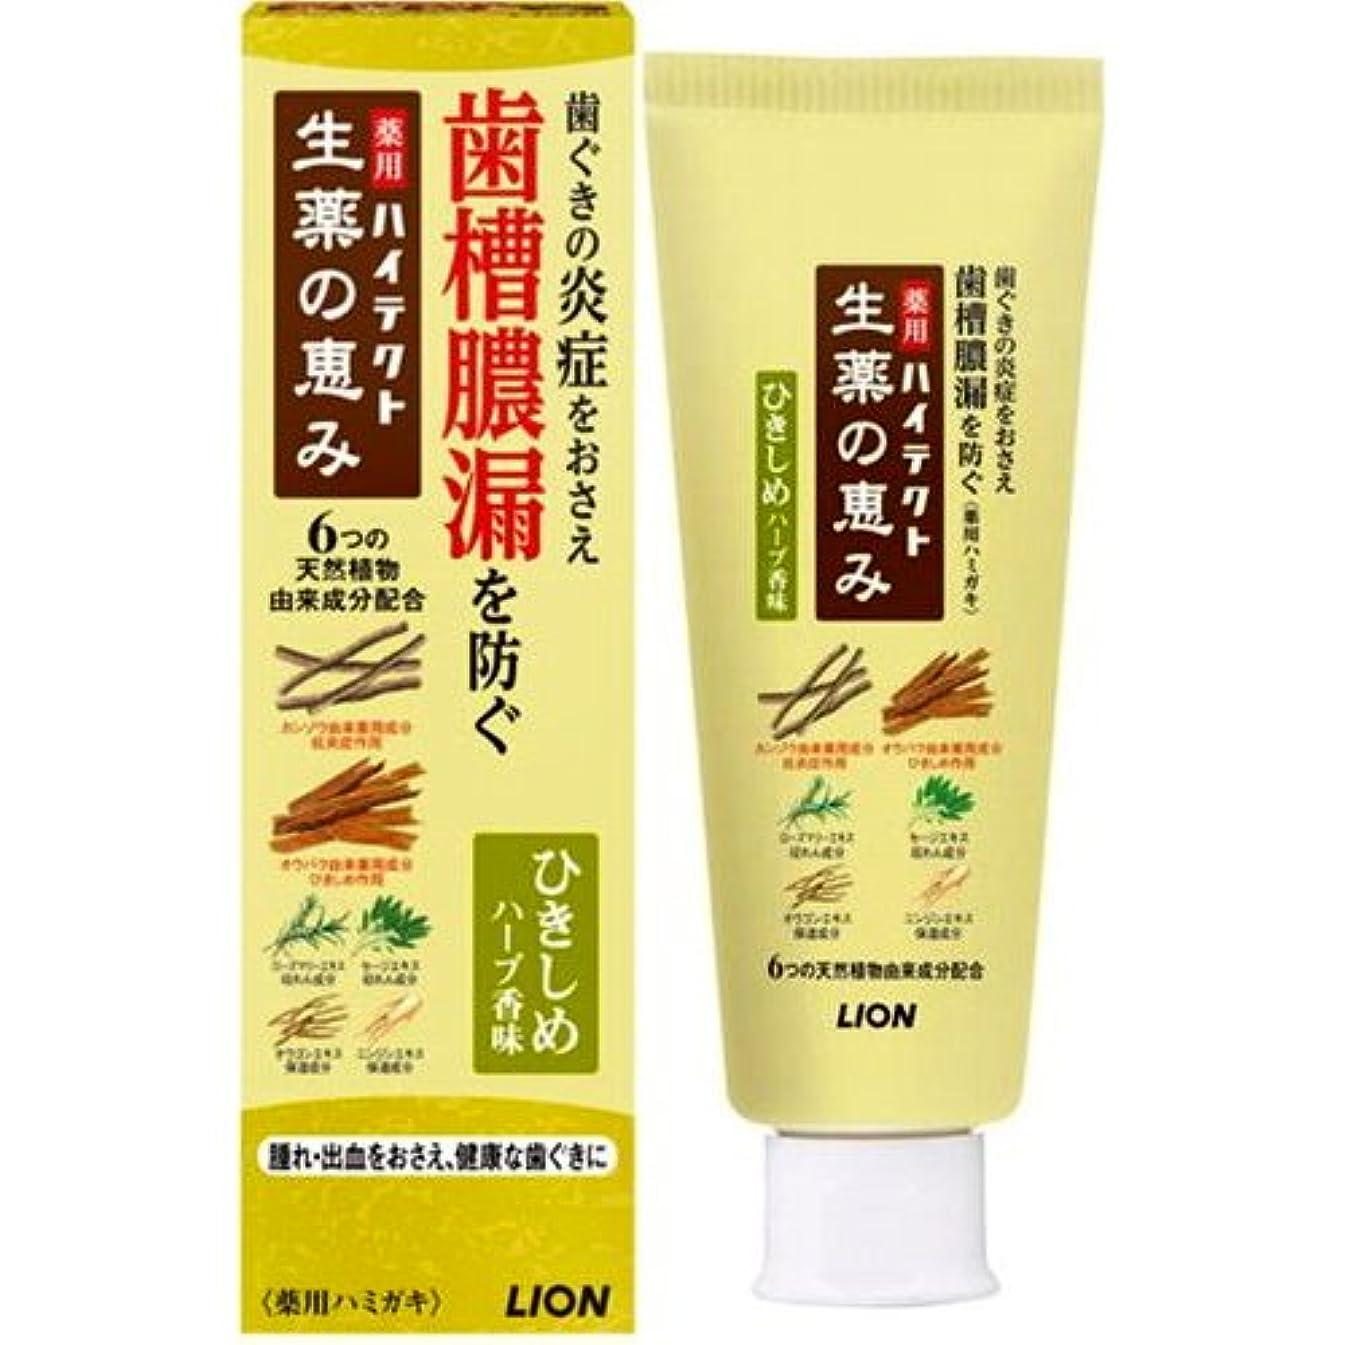 象減るリール【ライオン】ハイテクト 生薬の恵み ひきしめハーブ香味 90g ×3個セット